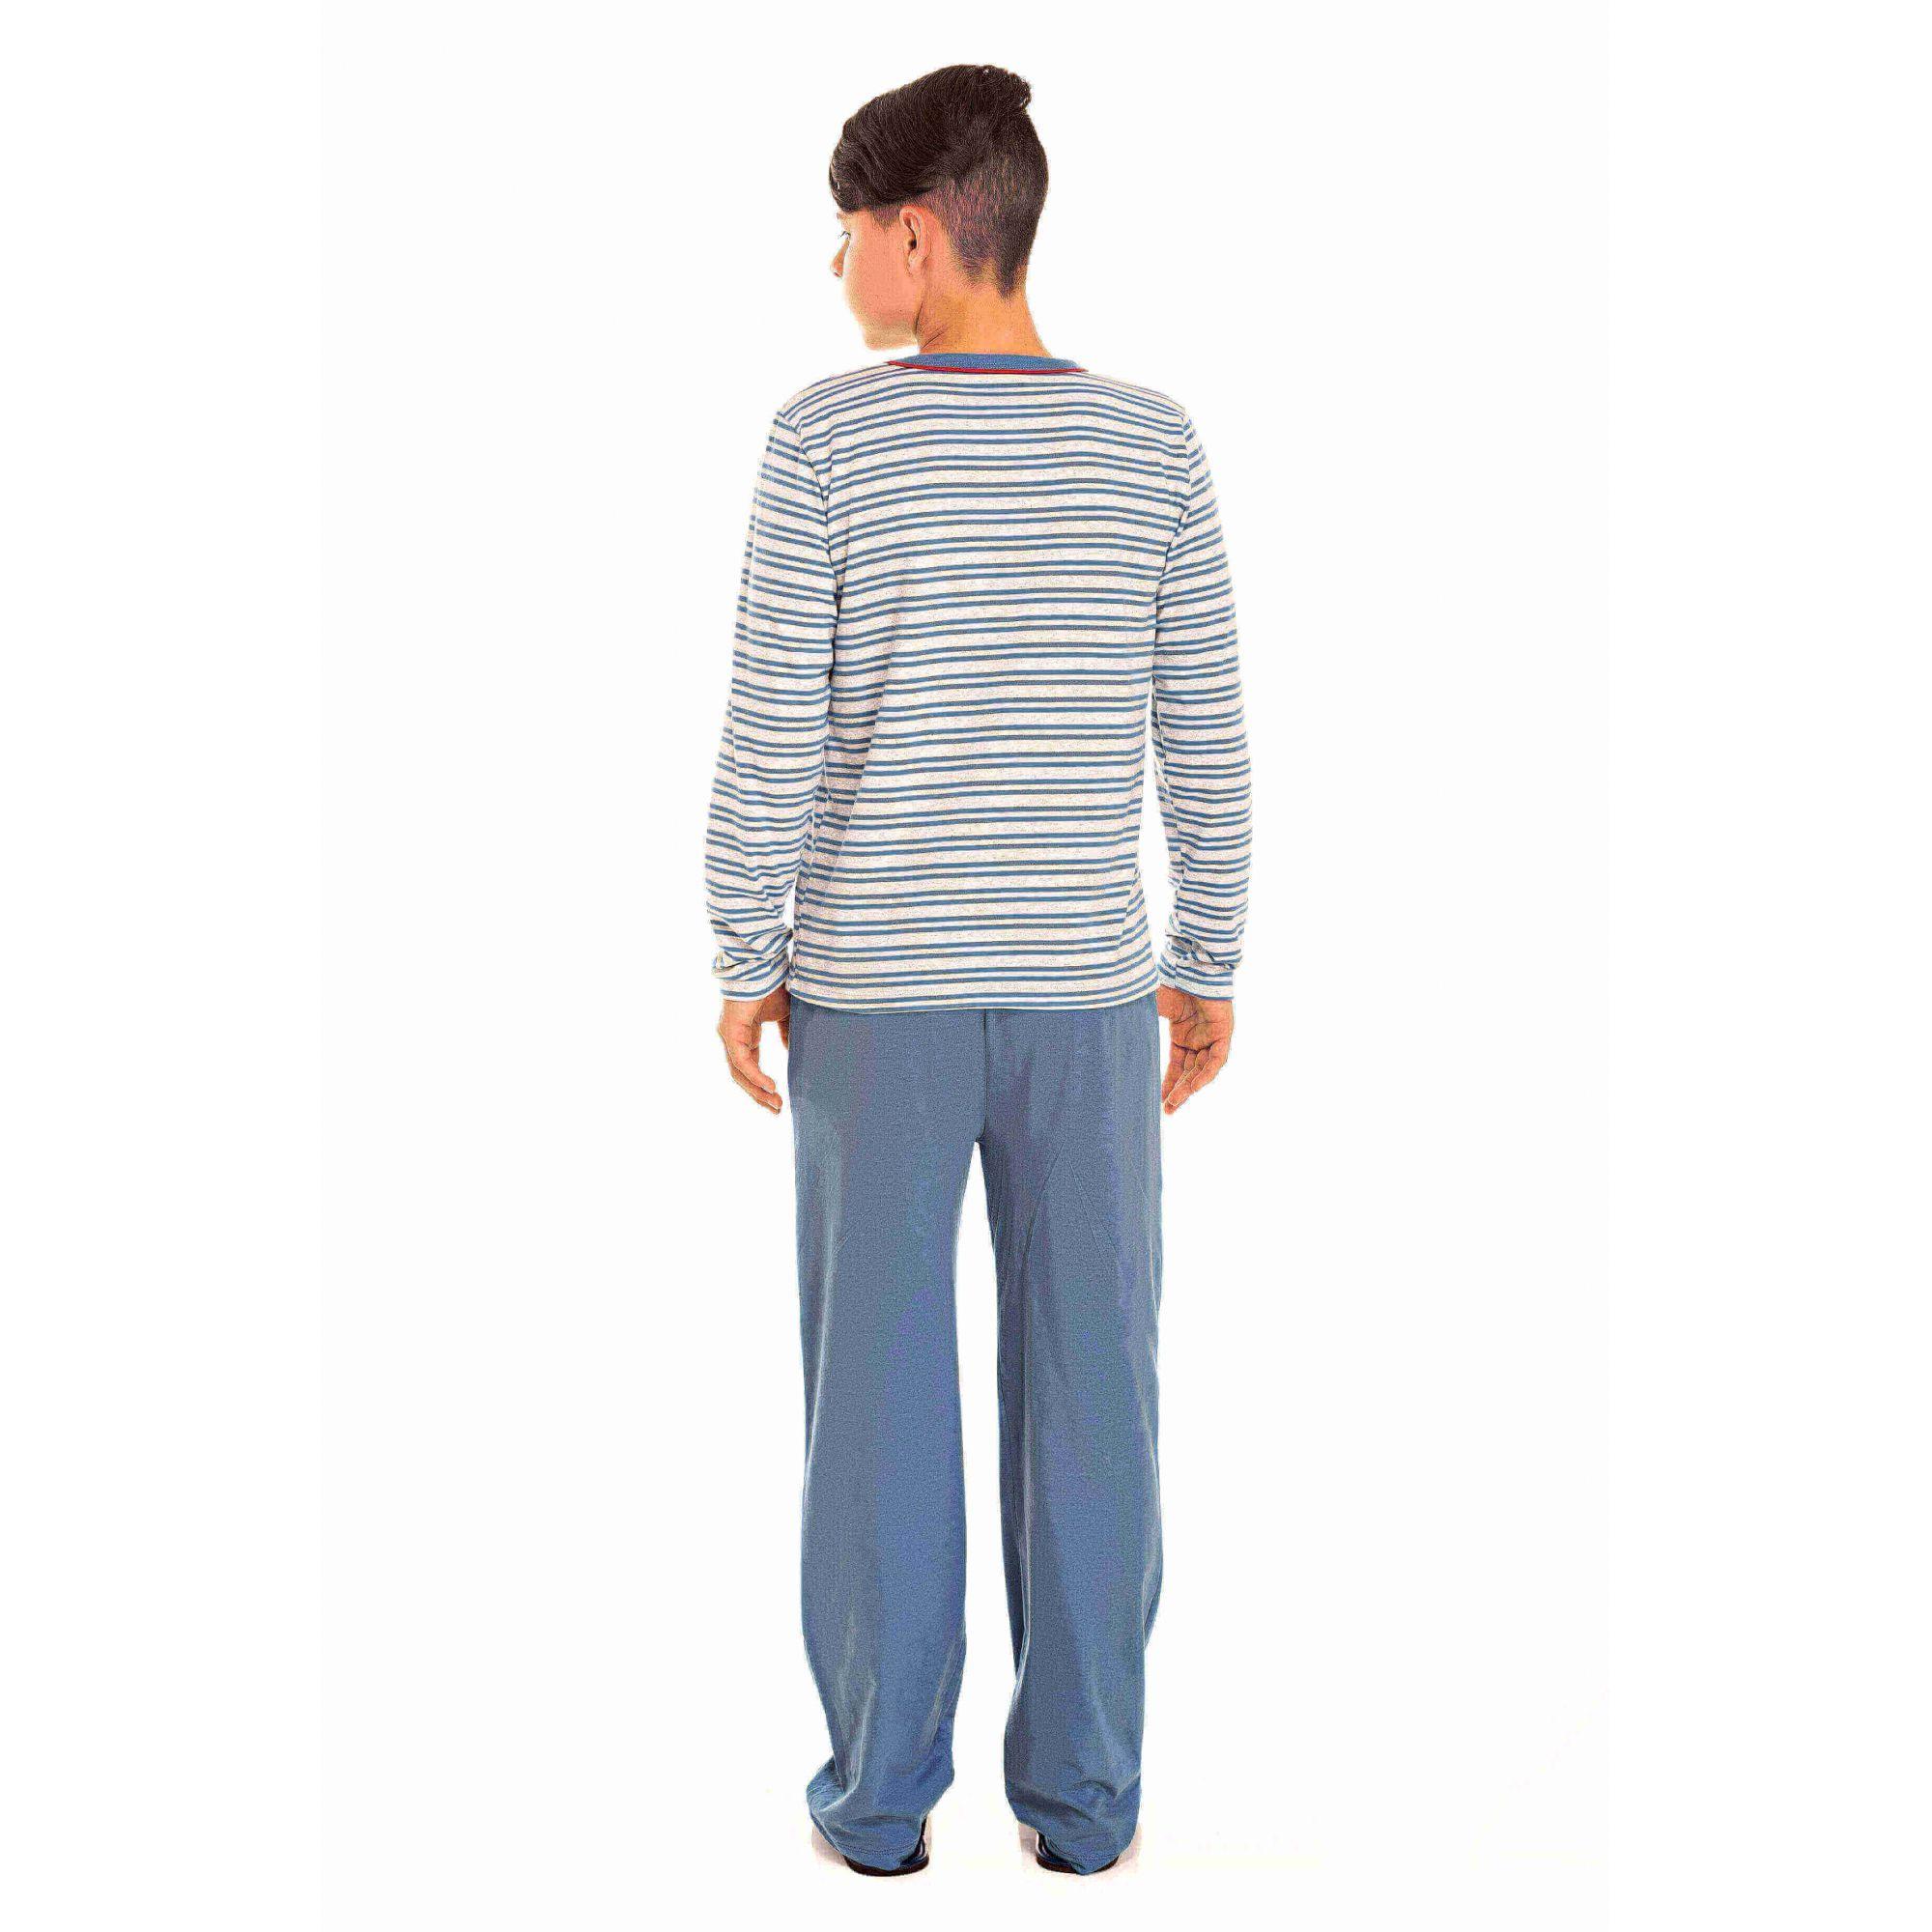 Pijama Juvenil Masculino Azul Tal Pai, Tal Filho